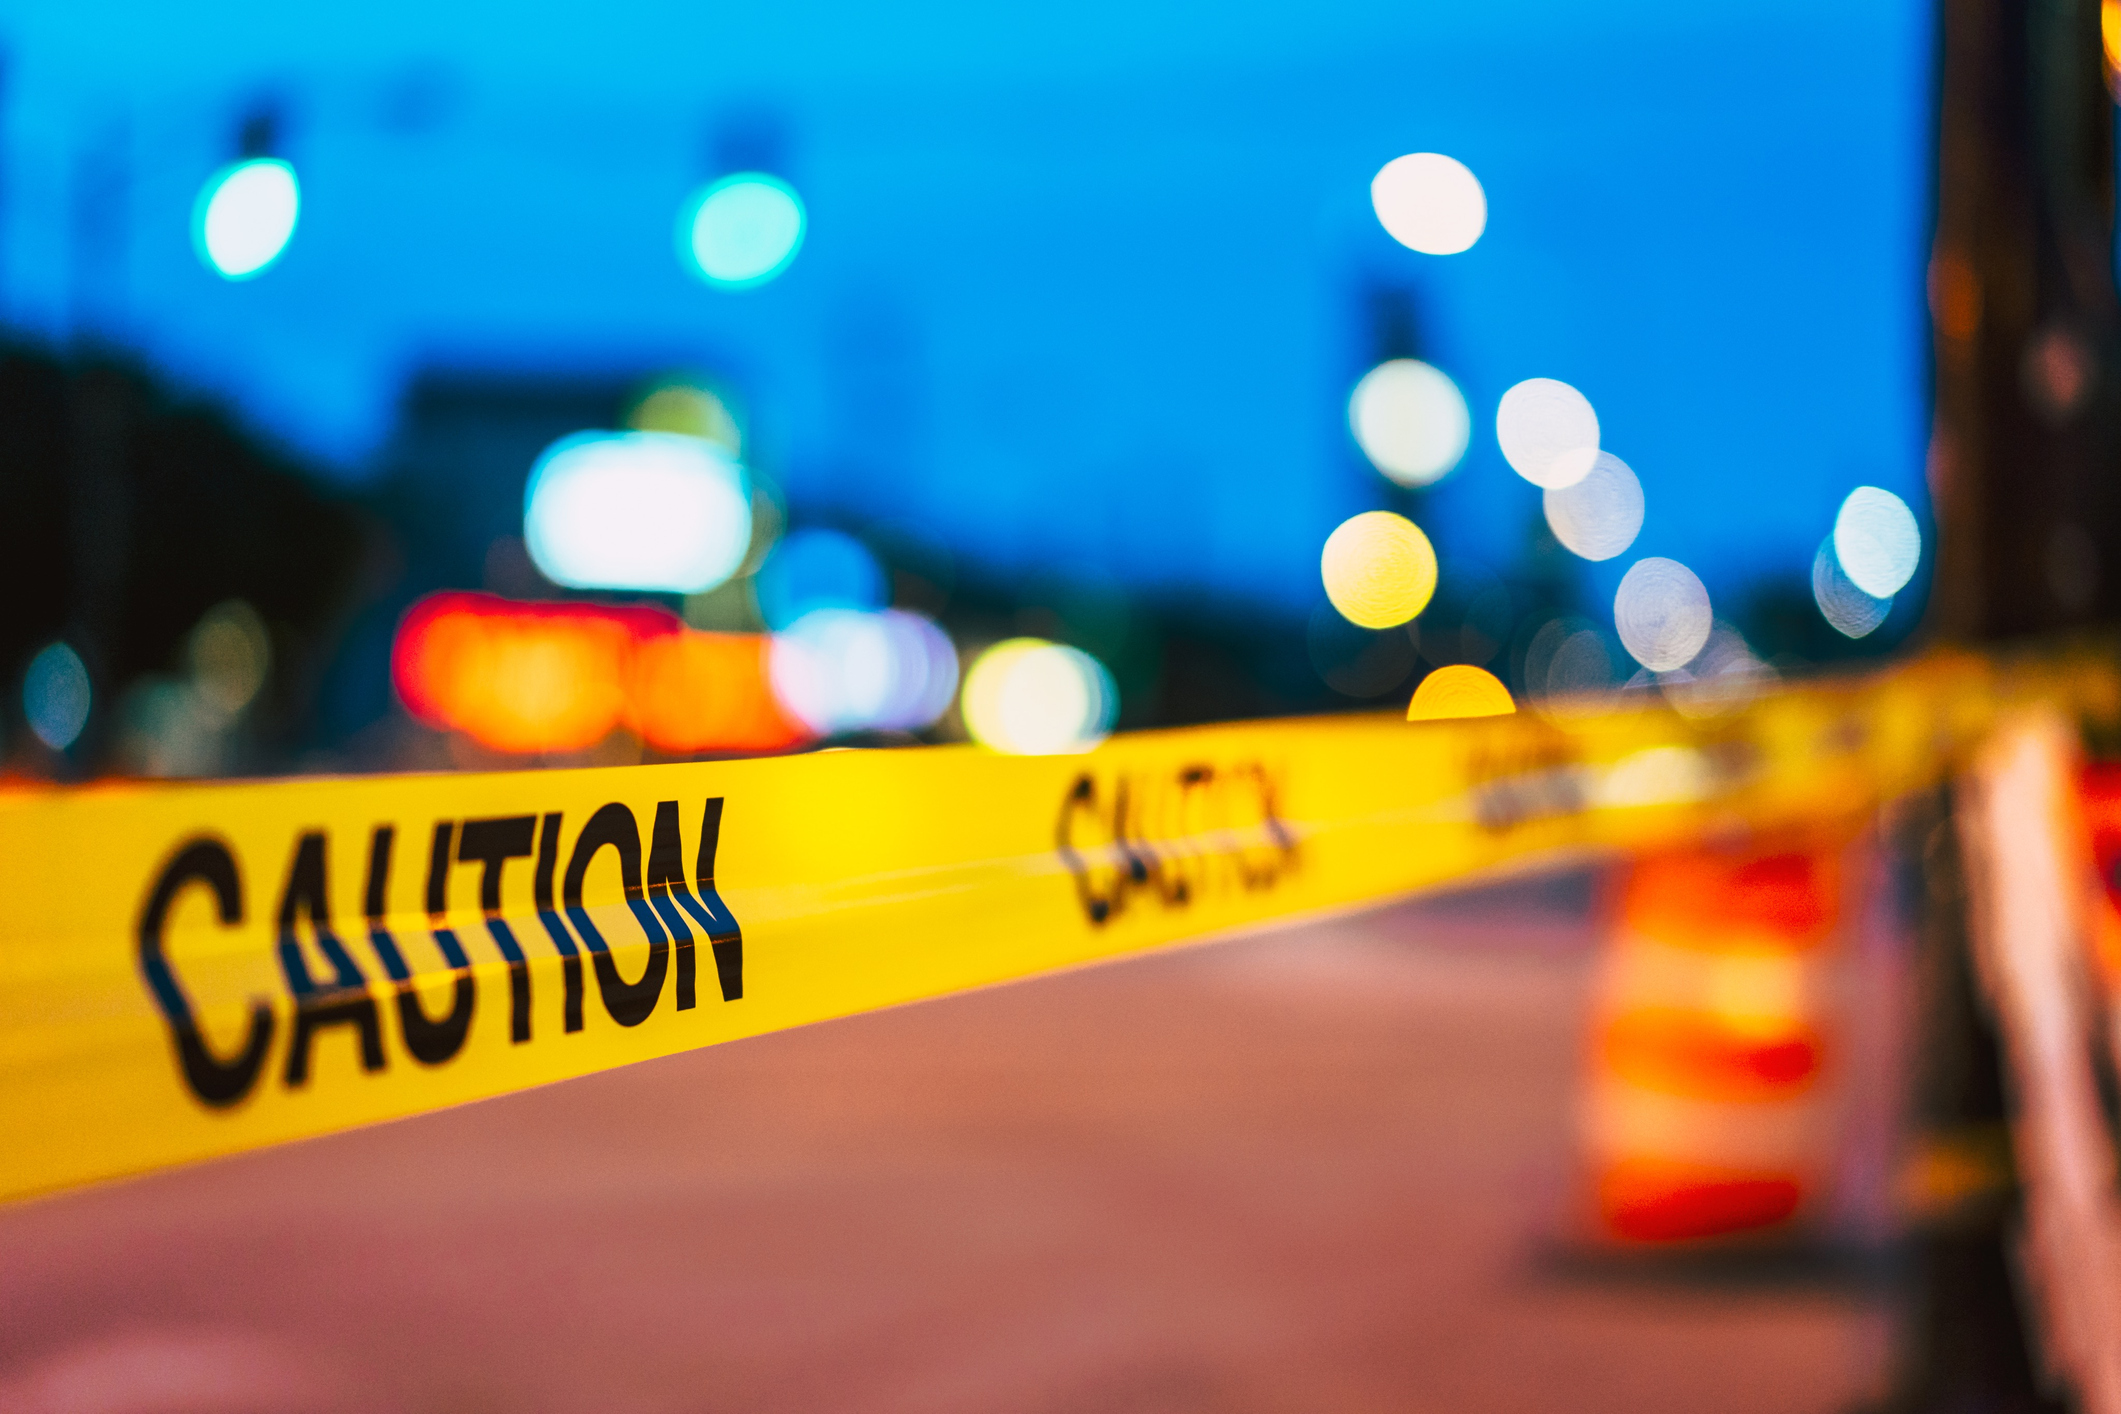 Defocused image of police tape behind city lights